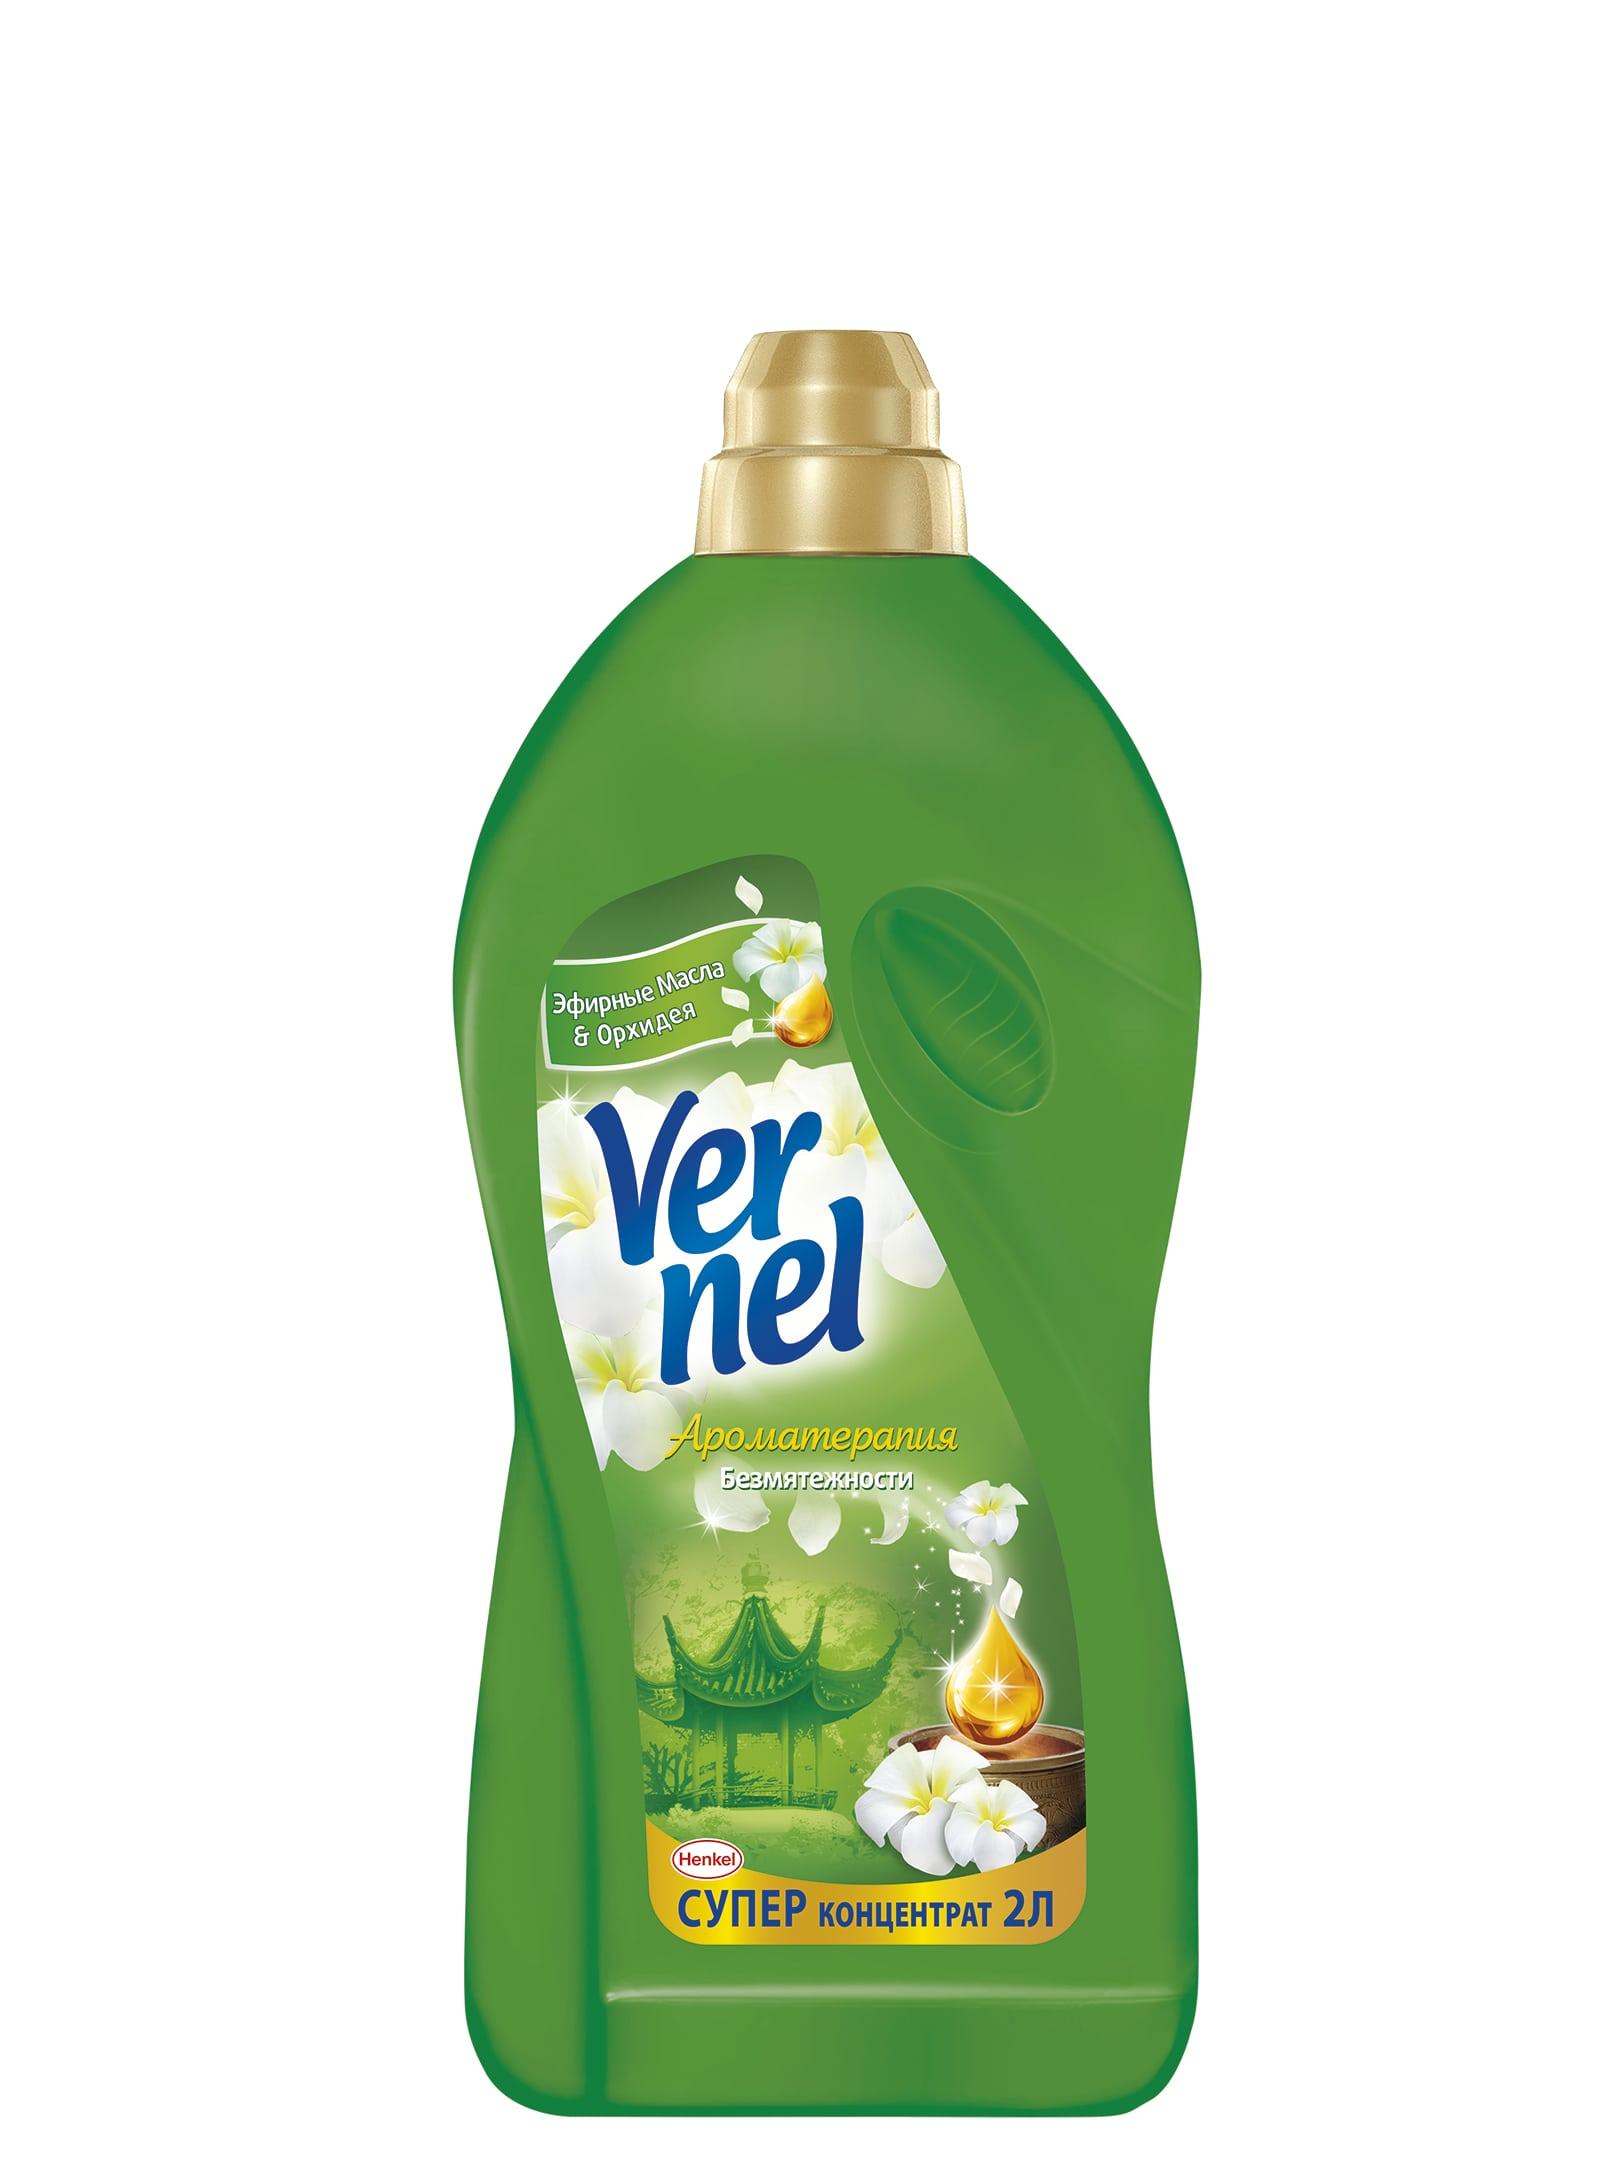 Кондиционер для белья Vernel Ароматерапия Безмятежности 2л934952С новой Классической линейкой Vernel свежесть белья длится до 8 недель. Новая формула Vernel обогащена аромакапсулами, которые обеспечивают длительную свежесть. Более того, кондиционеры для белья Vernel придают белью невероятную мягкость, такую же приятную, как и ее запах.Свойства кондиционера для белья Vernel:1. Придает мягкость2. Придает приятный аромат3. Обладает антистатическим эффектом4. Облегчает глажениеДо 8 недель свежести при условии хранения белья без использования благодаря аромакапсуламСостав: Состав: 5-15% катионные ПАВ;Товар сертифицирован.